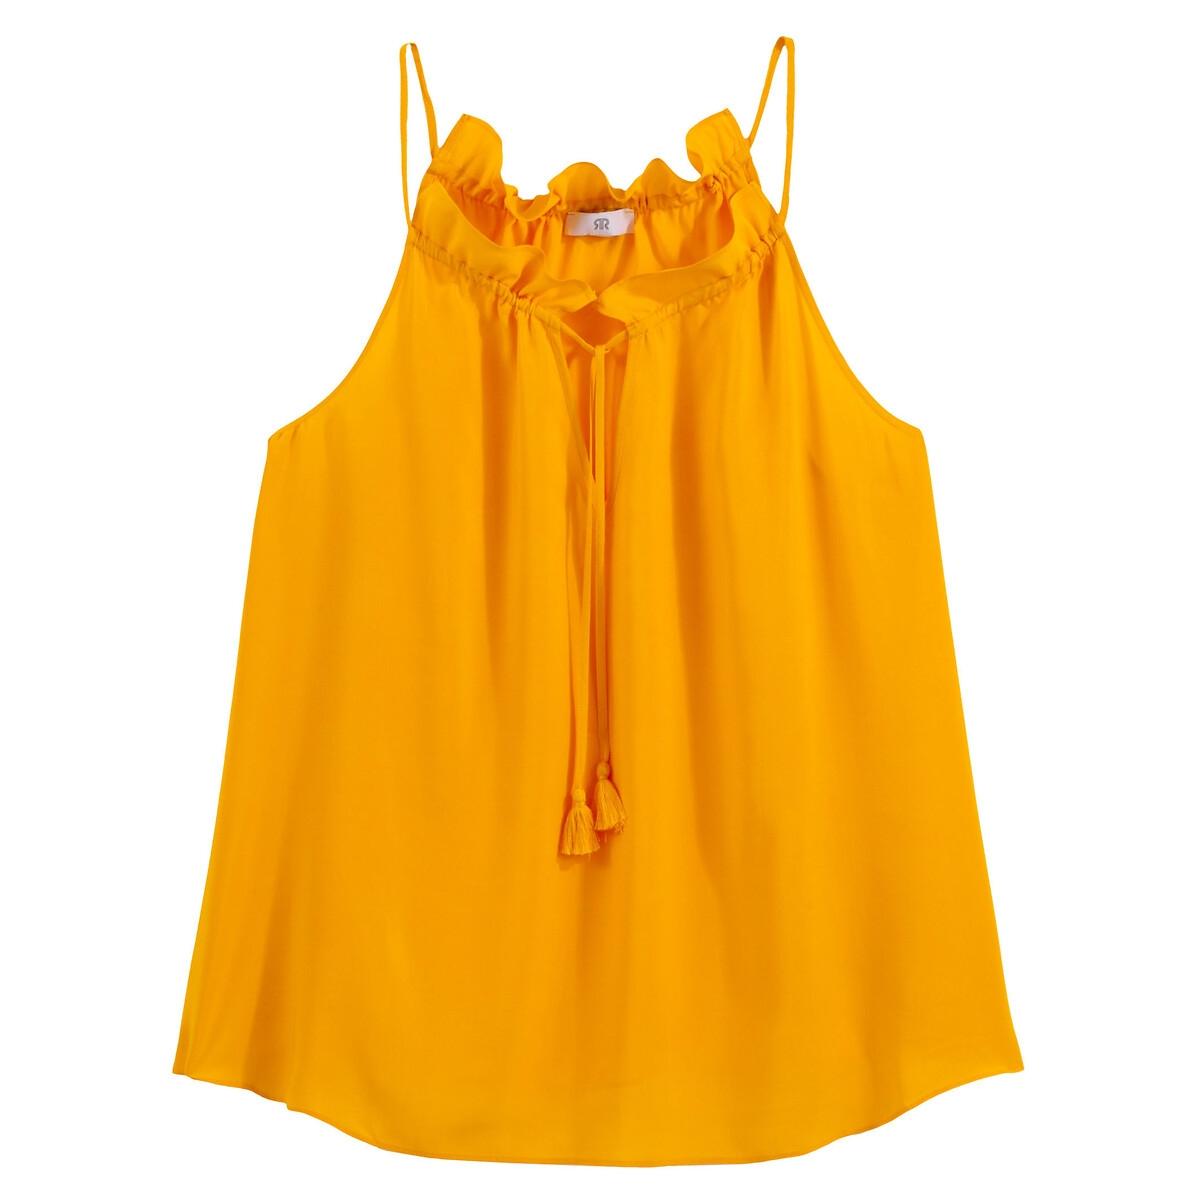 Блузка La Redoute Струящаяся с круглым вырезом без рукавов 42 (FR) - 48 (RUS) желтый блузка la redoute с круглым вырезом без рукавов 50 fr 56 rus черный